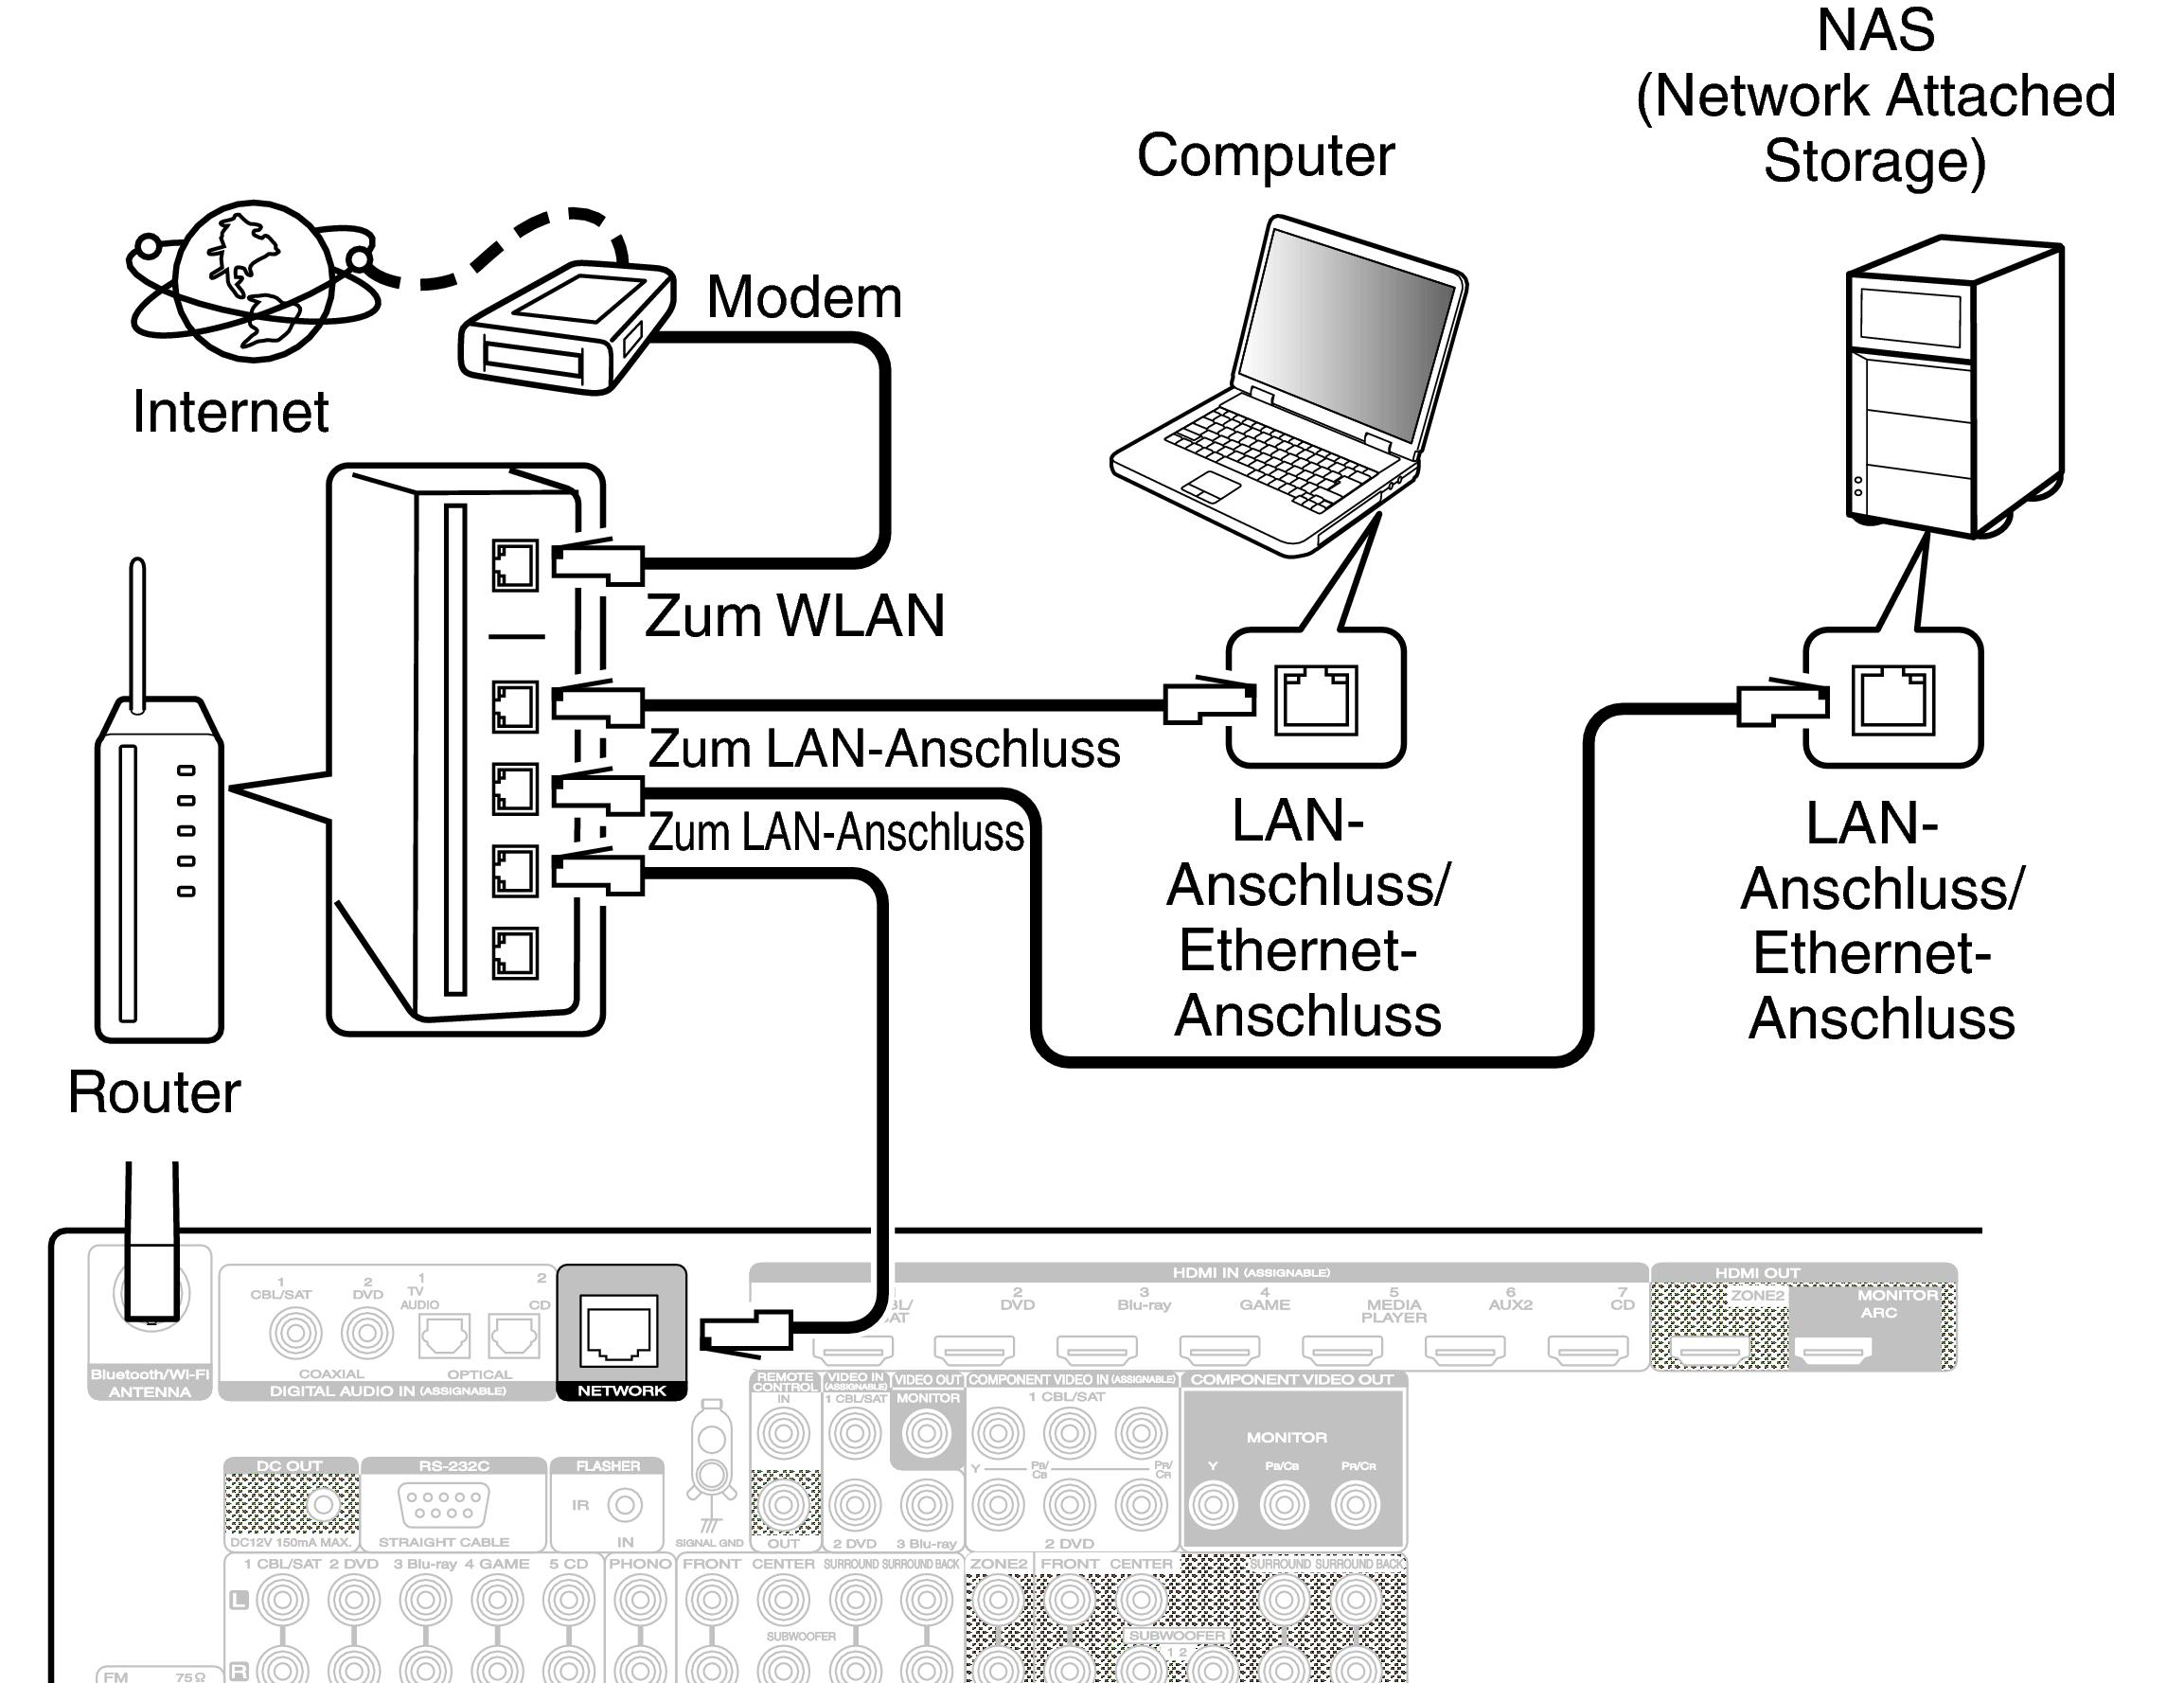 Kabelgebundenes LAN SR6009